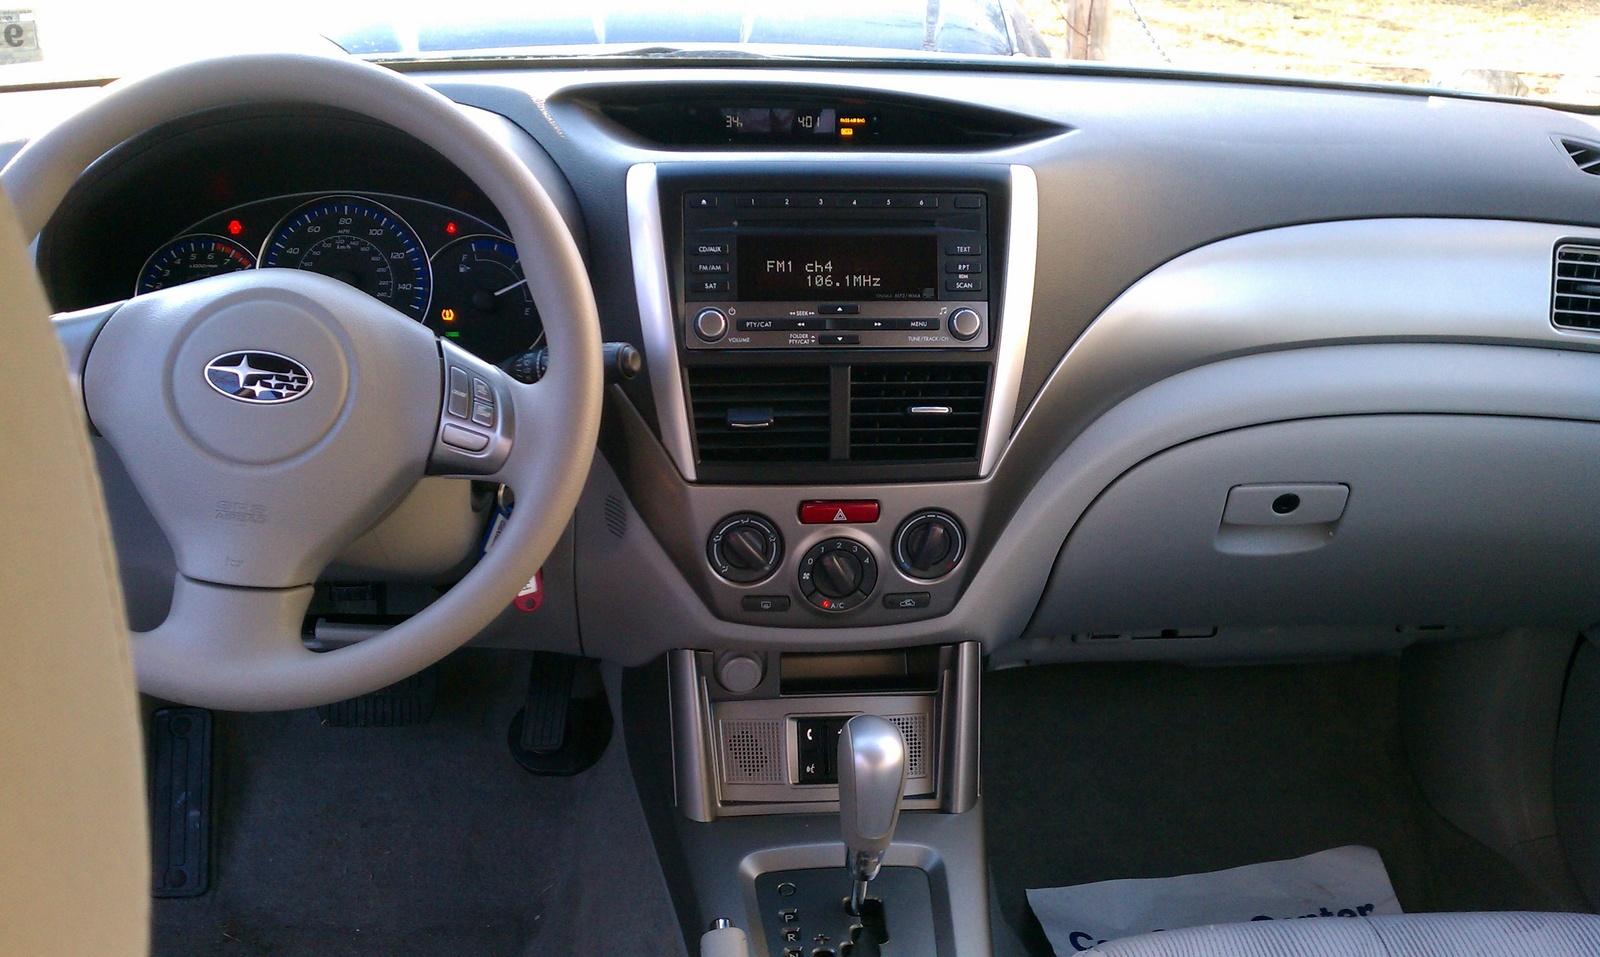 2010 Subaru Forester Interior Pictures Cargurus